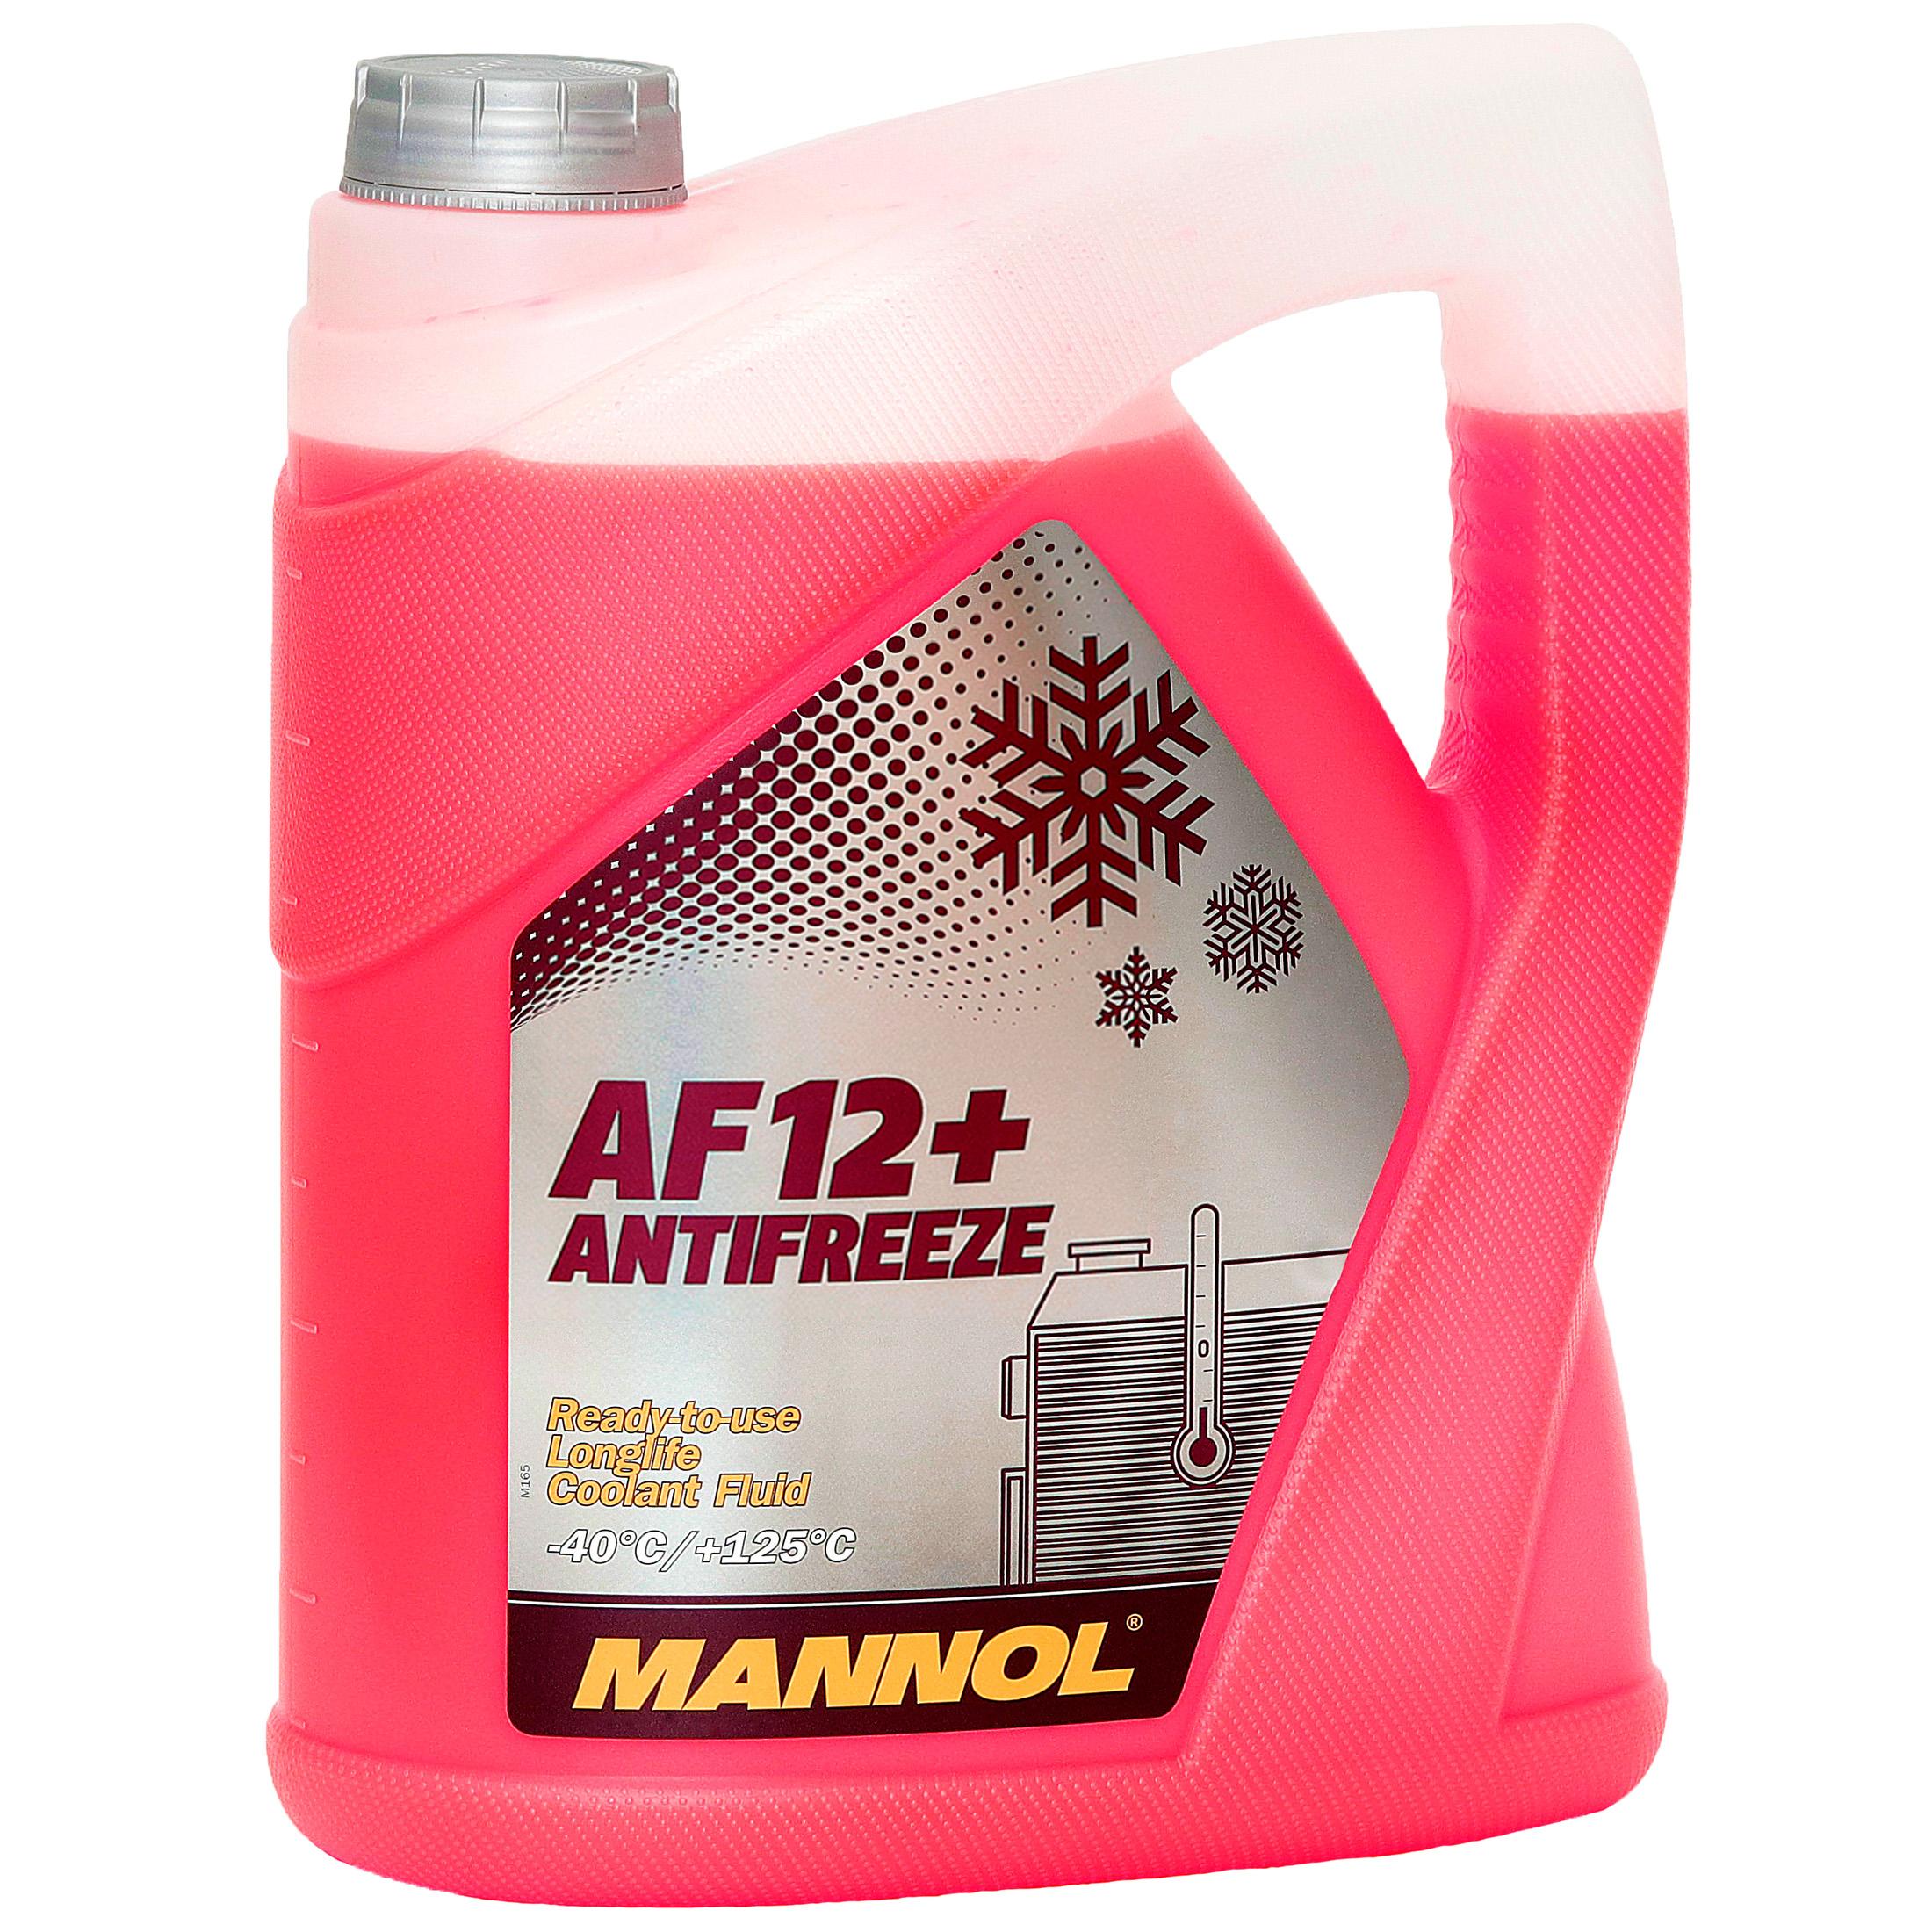 Kühlerfrostschutz Rot G12+ 5 L Mannol Antifreeze AF12+ -40°C Kühlmittel VW Audi